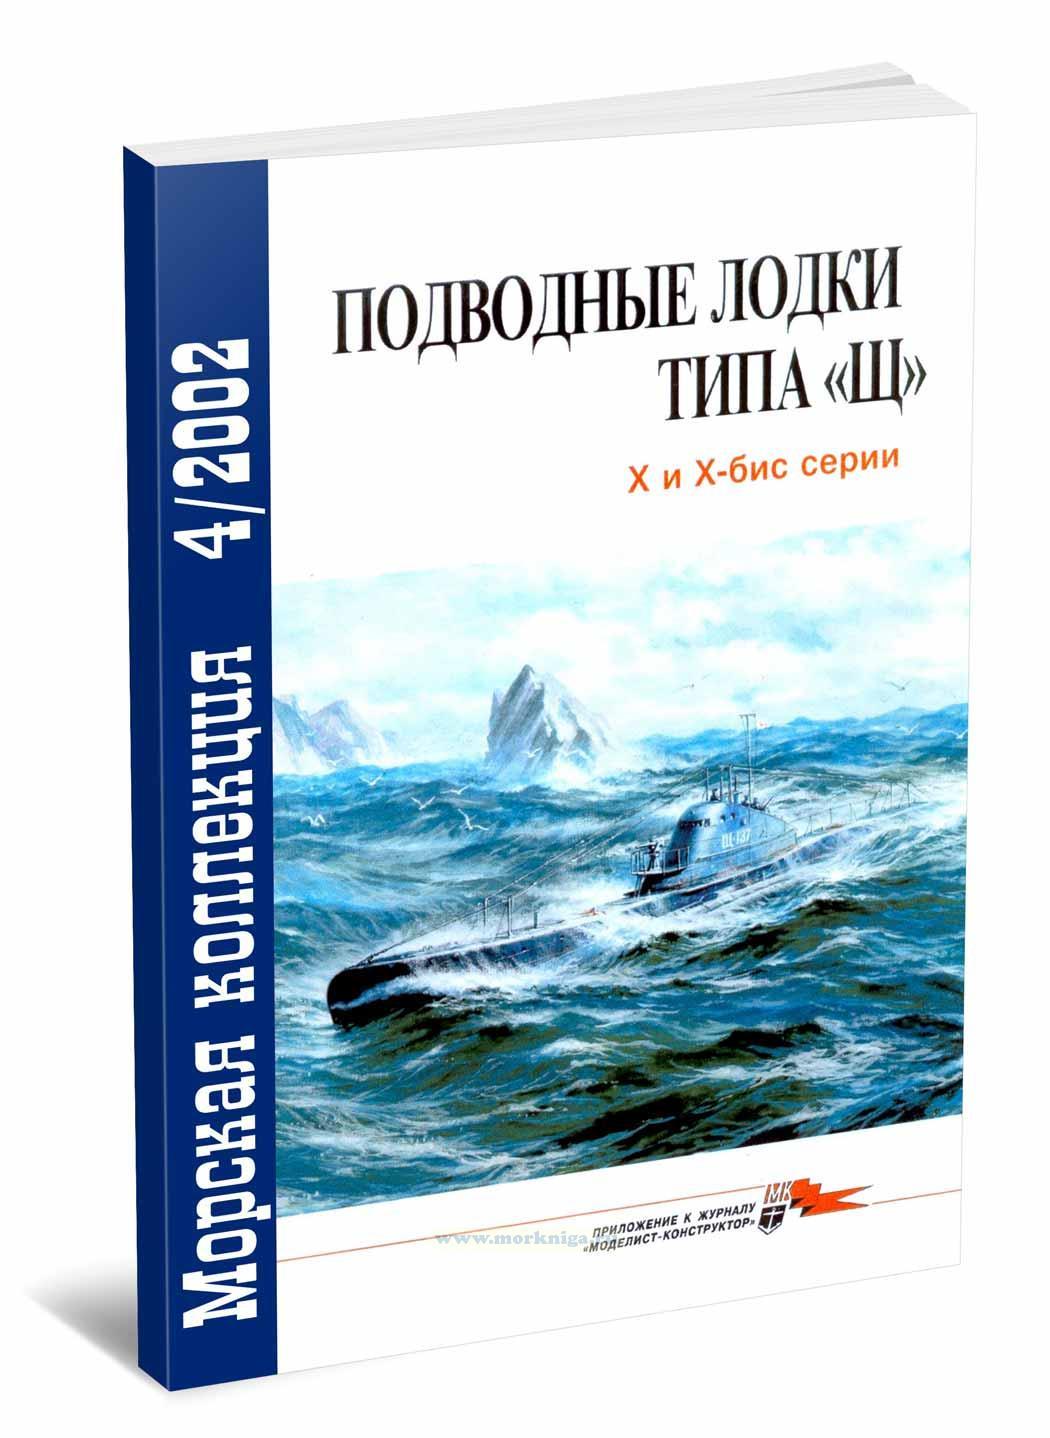 Подводные лодки типа «Щ» Х и Х-бис серии. Морская коллекция №4 (2002)